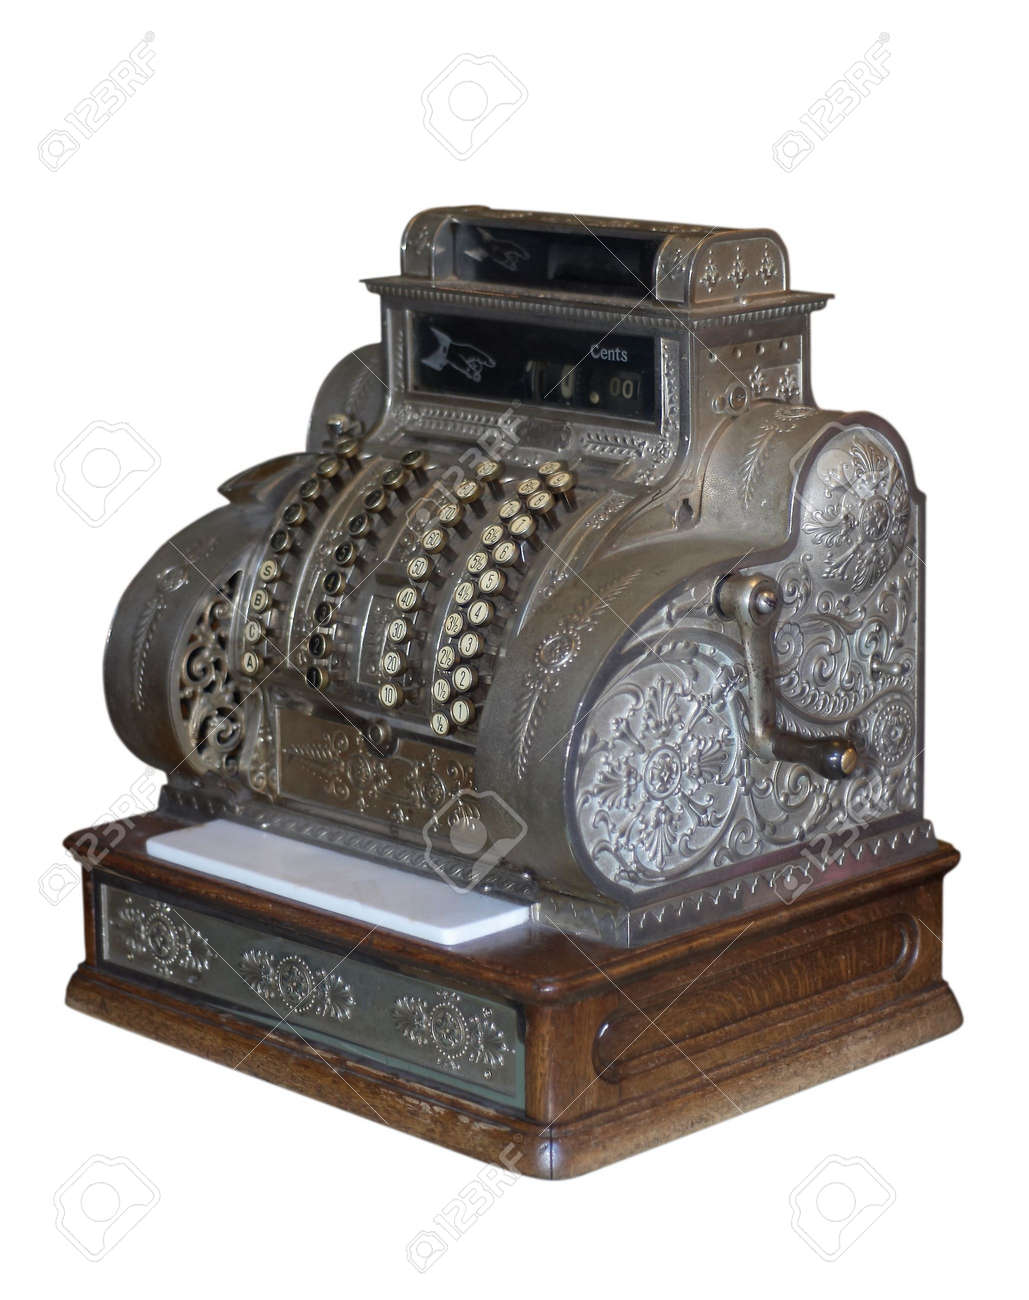 Souvent Ancienne Caisse Enregistreuse Isolé Sur Blanc Banque D'Images Et  EO73